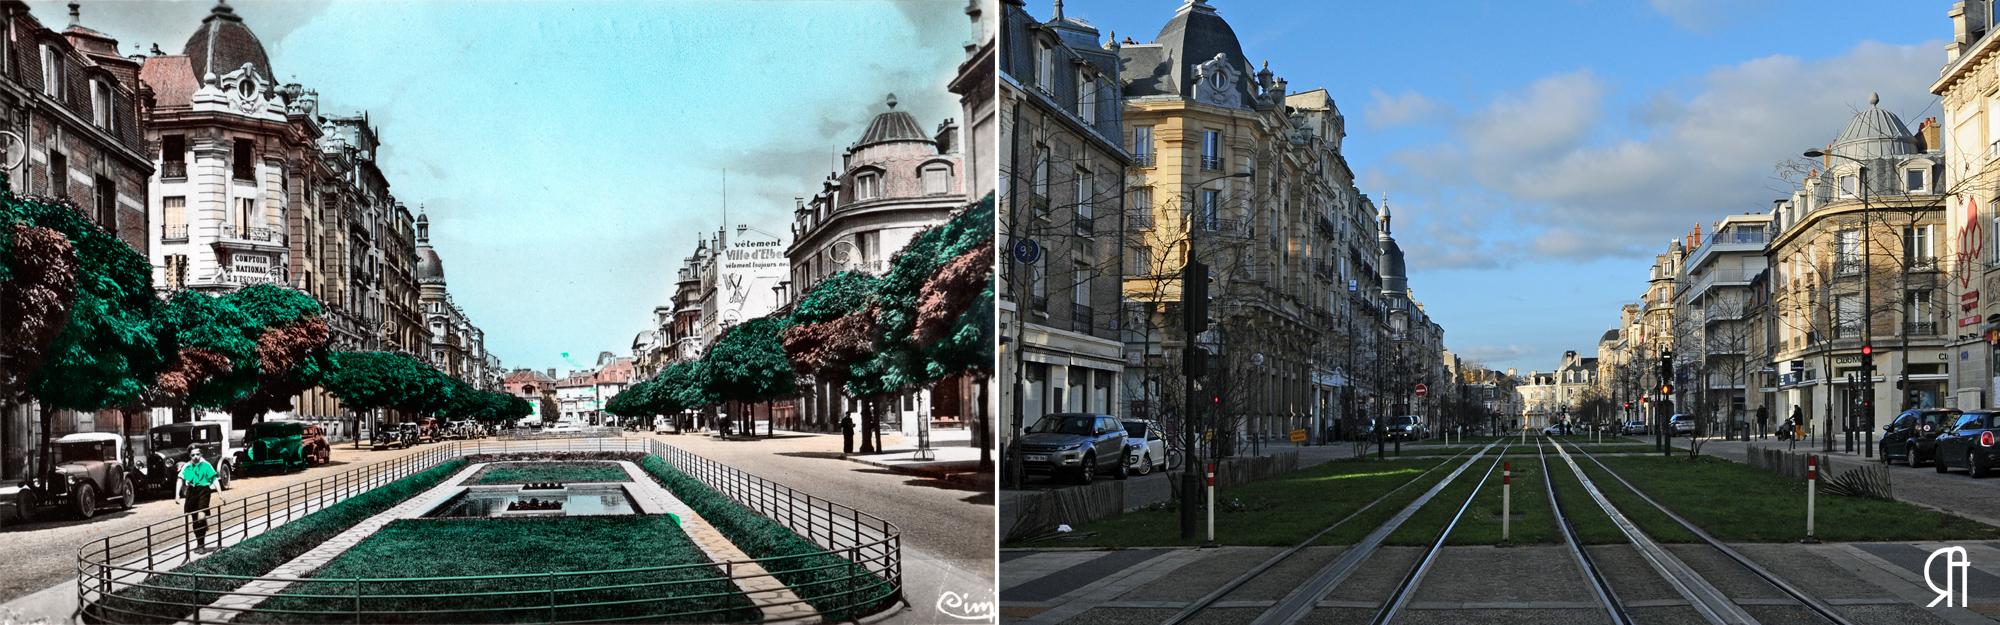 Cours Jean-Baptiste Langlet